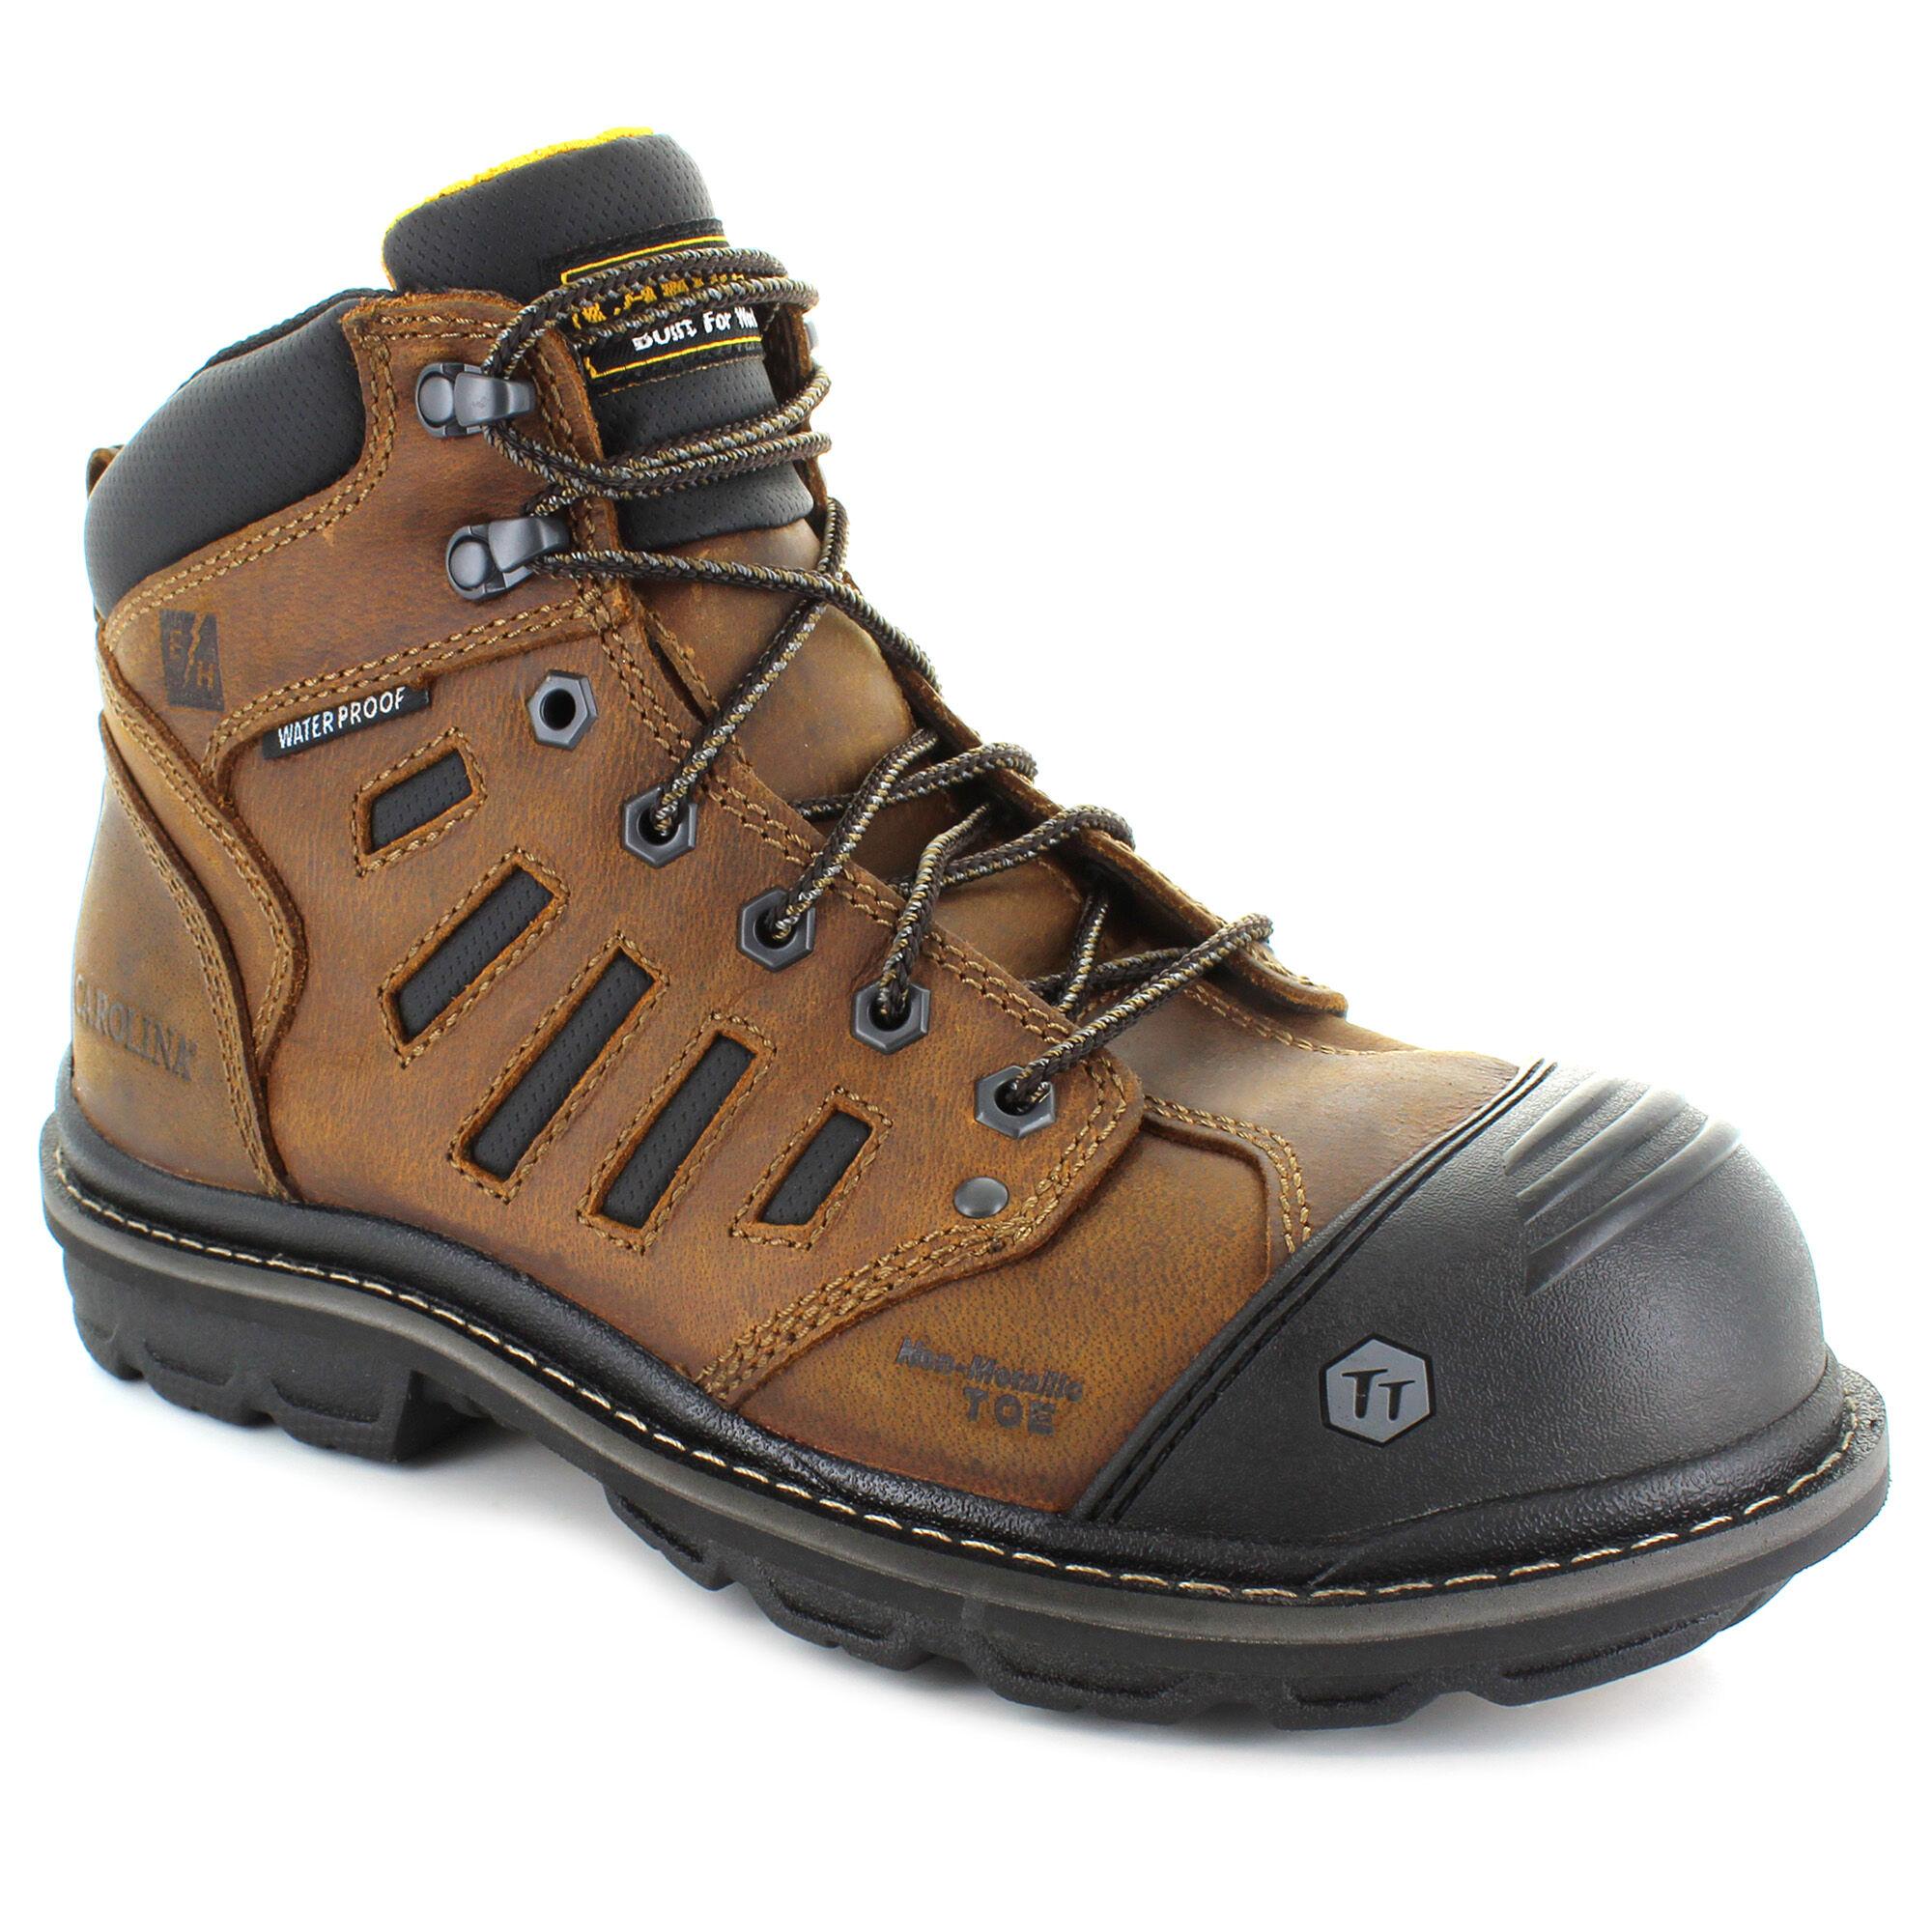 Men's Slip-Resistant Shoes   Shop Now